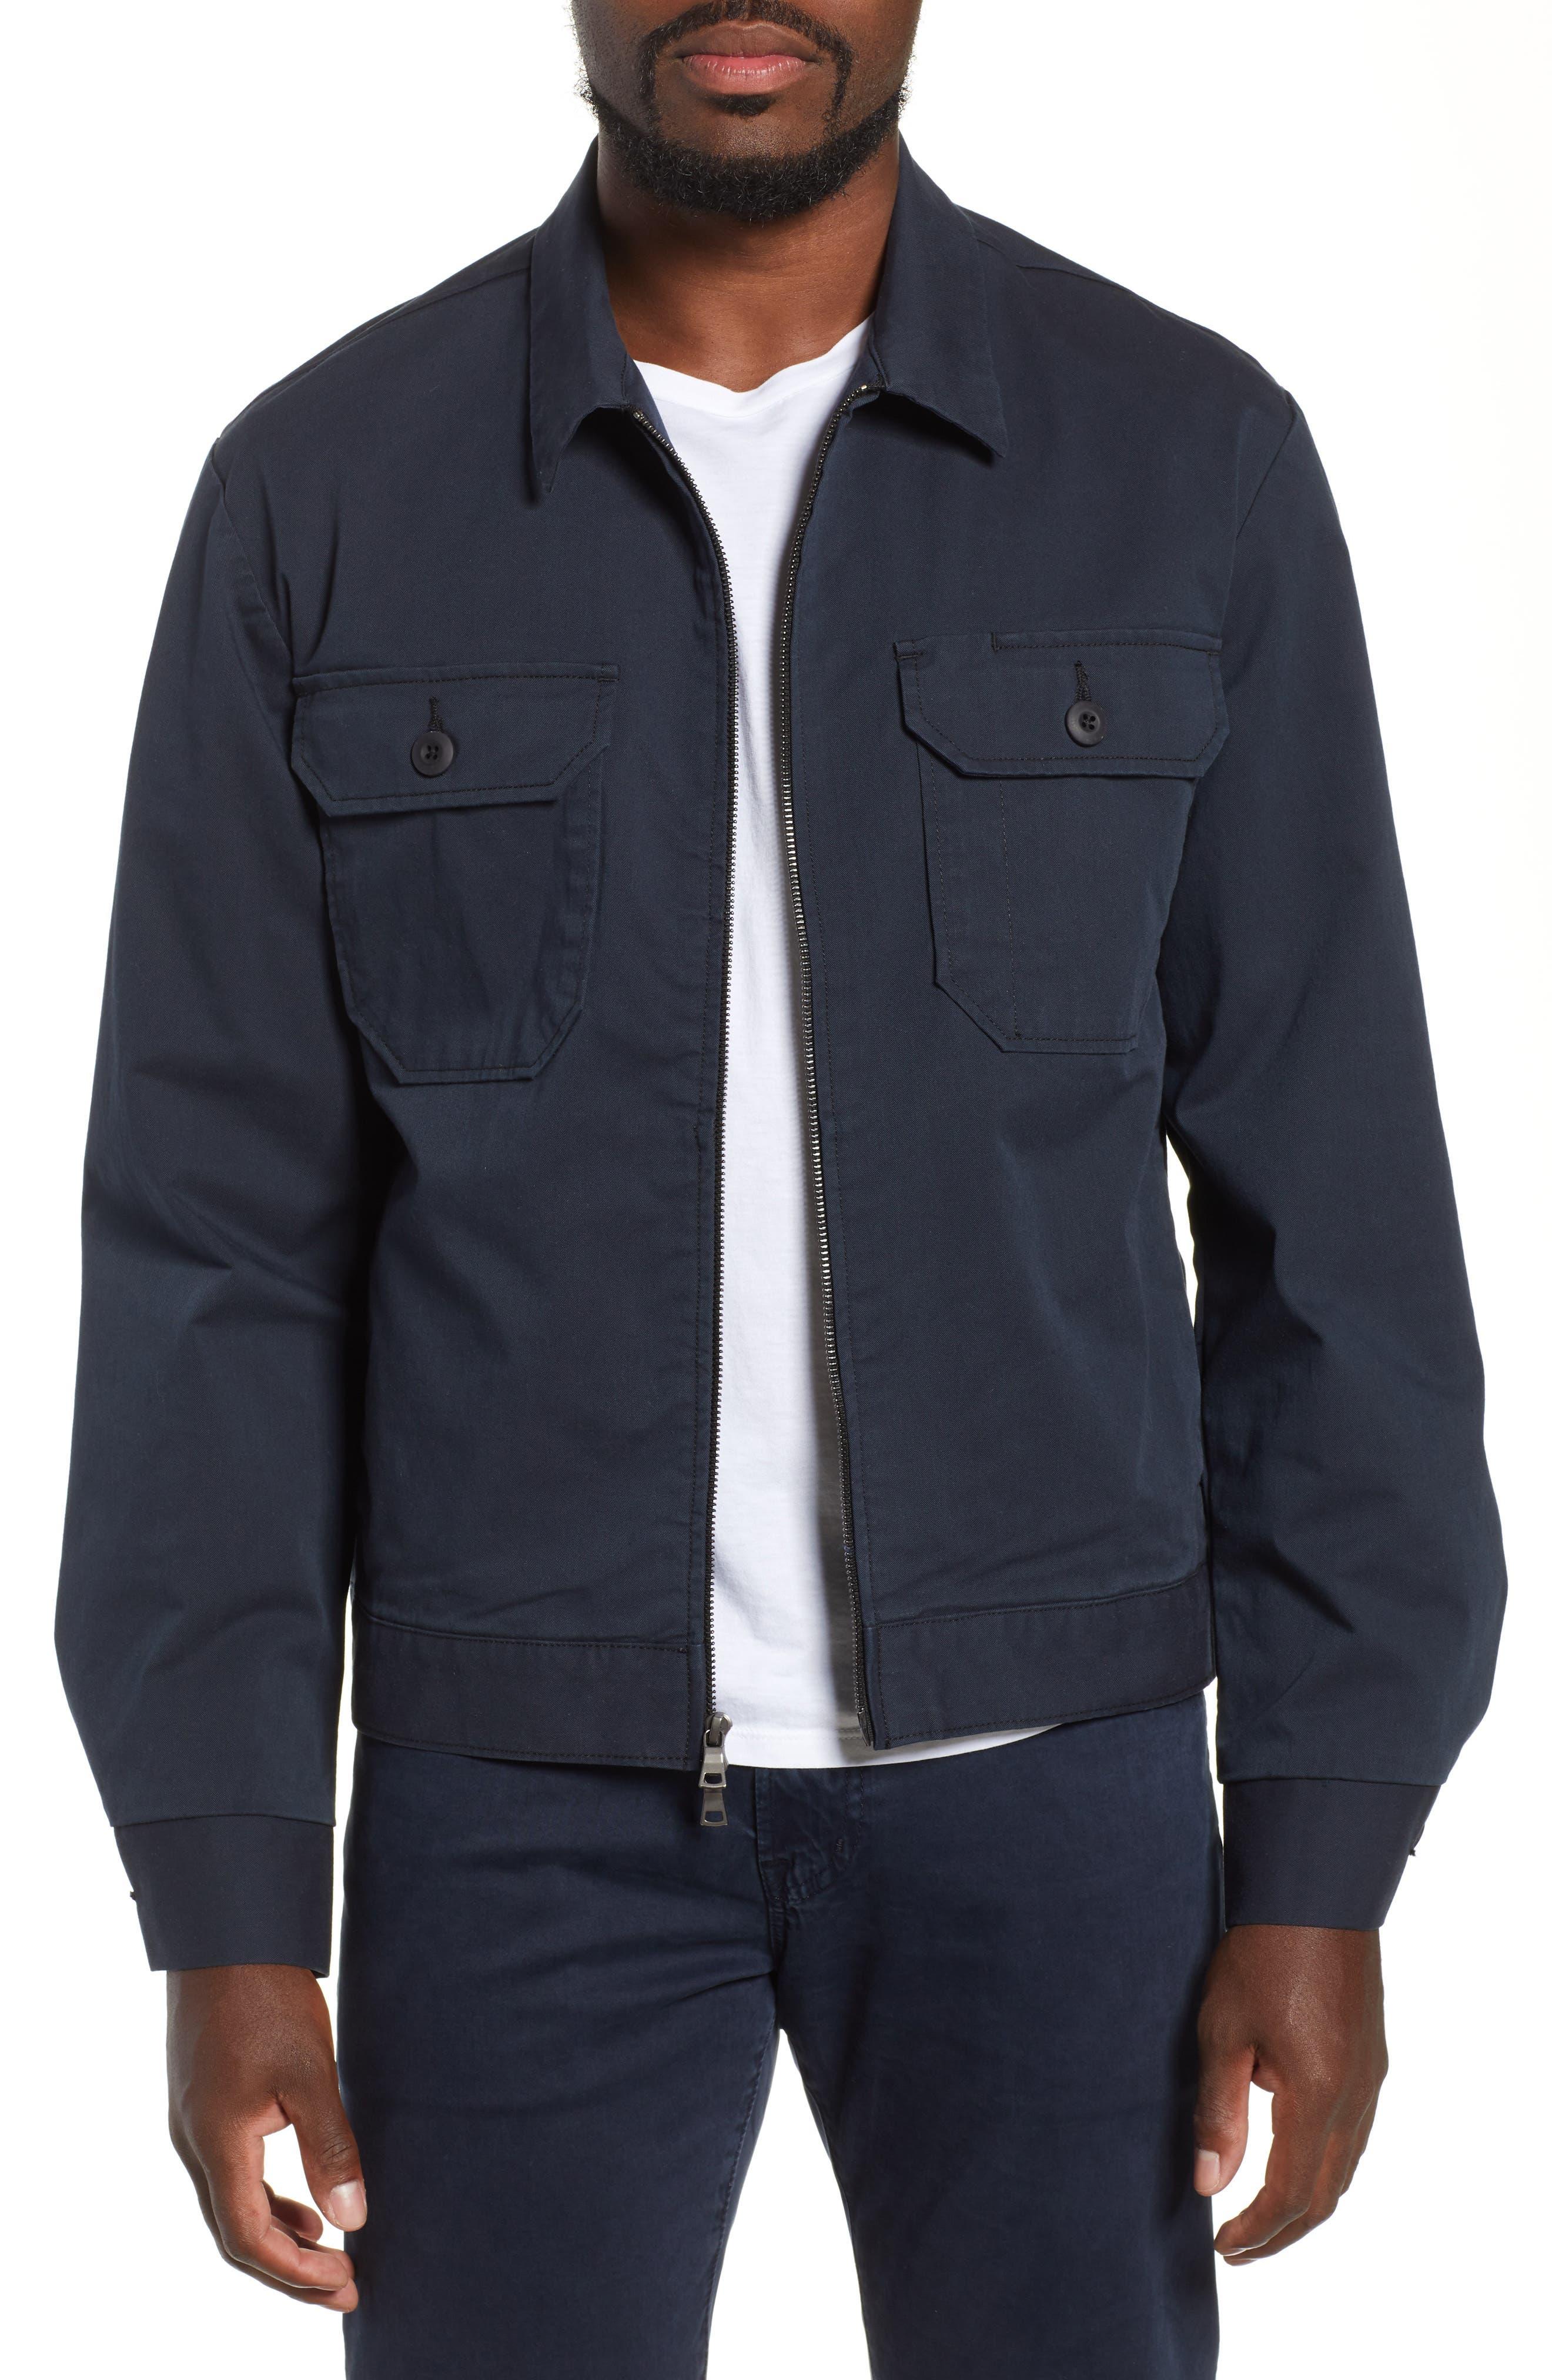 Axle Shop Regular Stretch Cotton Blend Jacket,                             Main thumbnail 1, color,                             BLUE VAULT/ BLACK